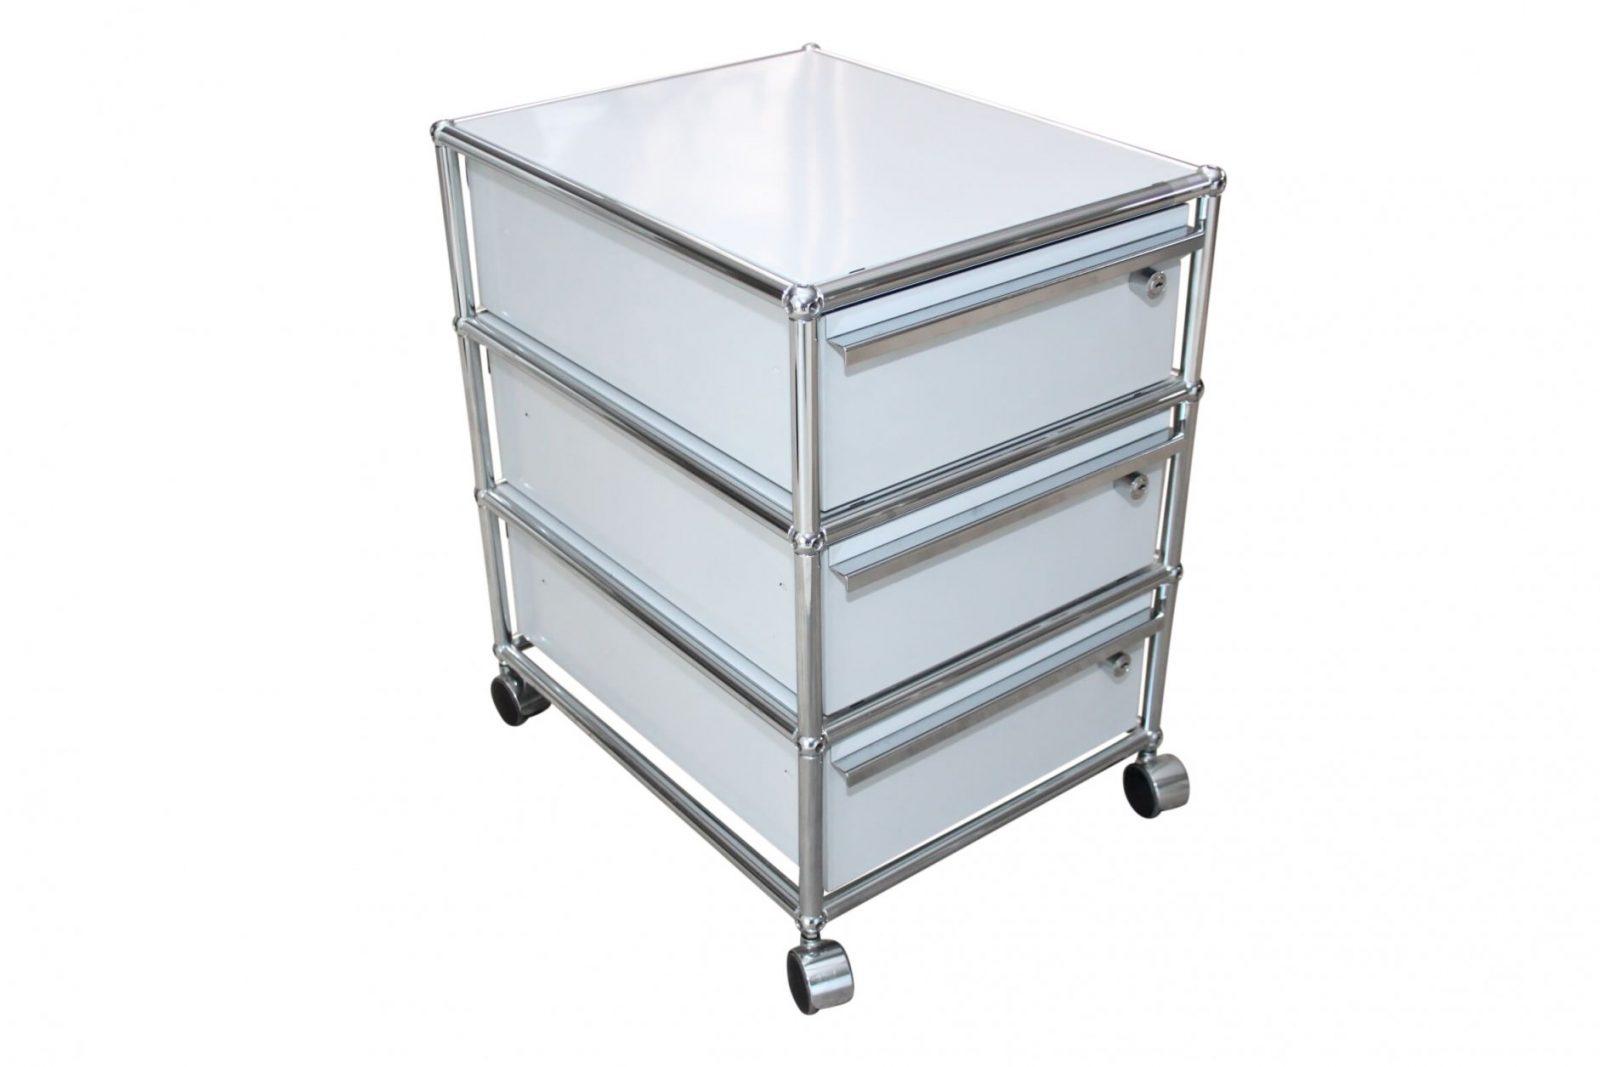 Usmhaller Rollcontainer Gebraucht Lichtgrau  Abschließbar von Usm Haller Gebraucht Kaufen Bild